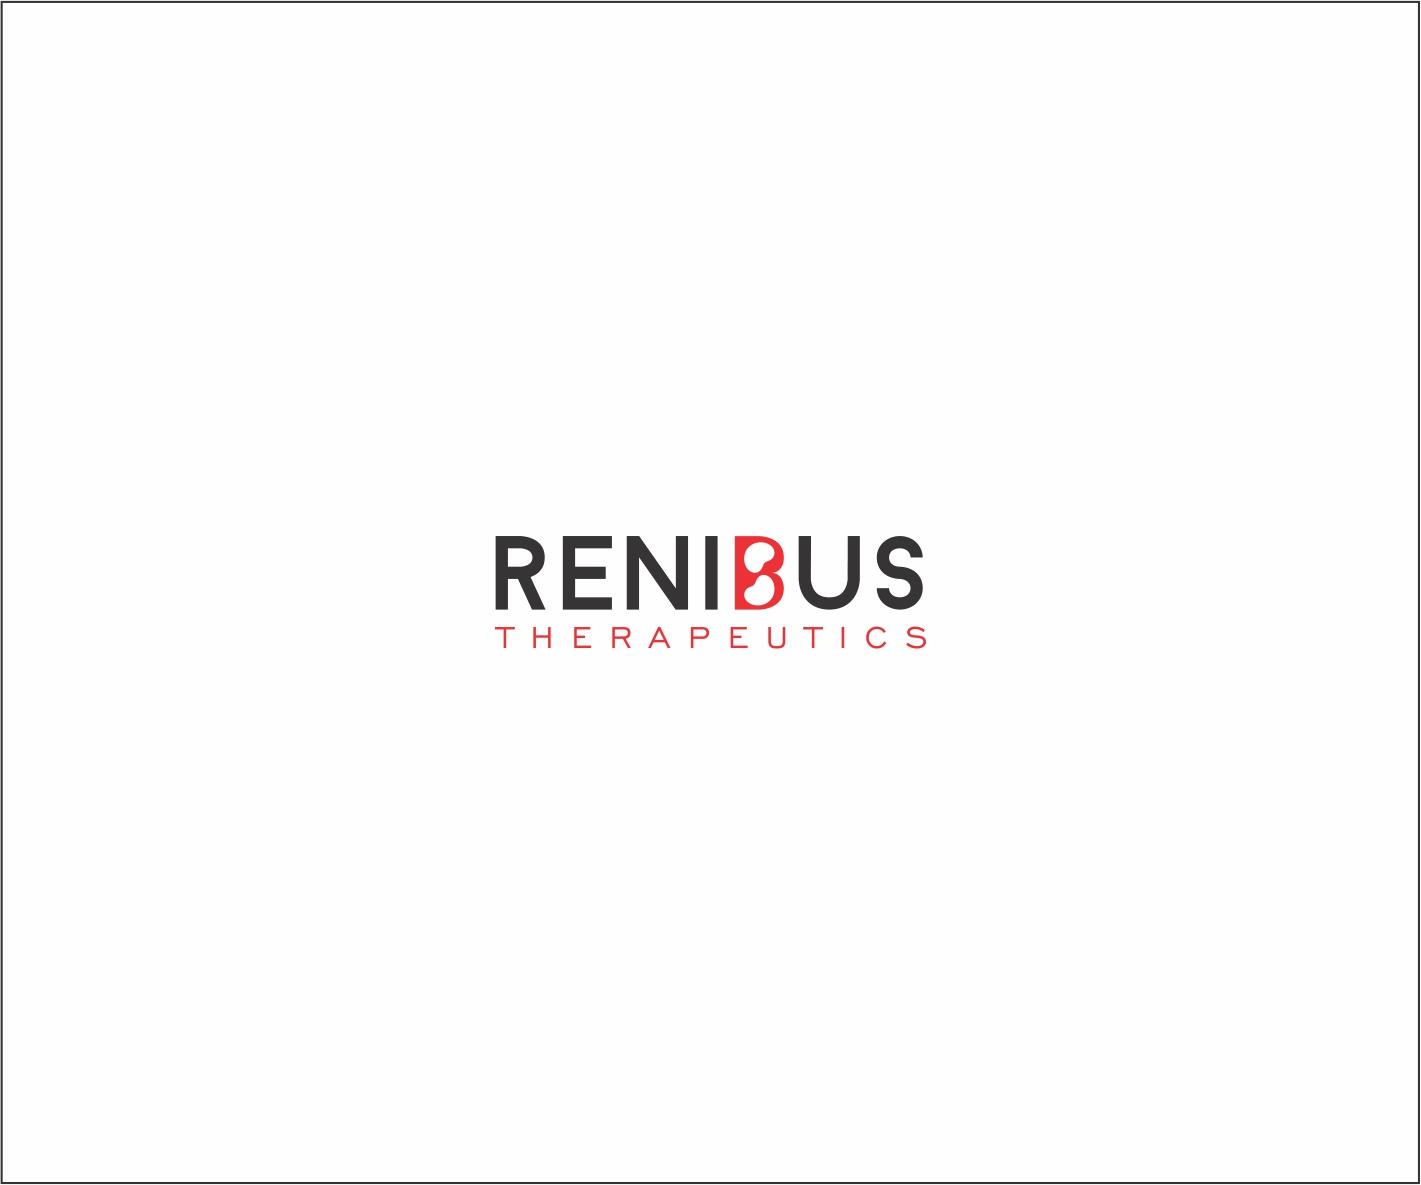 Renibus Therapeutics